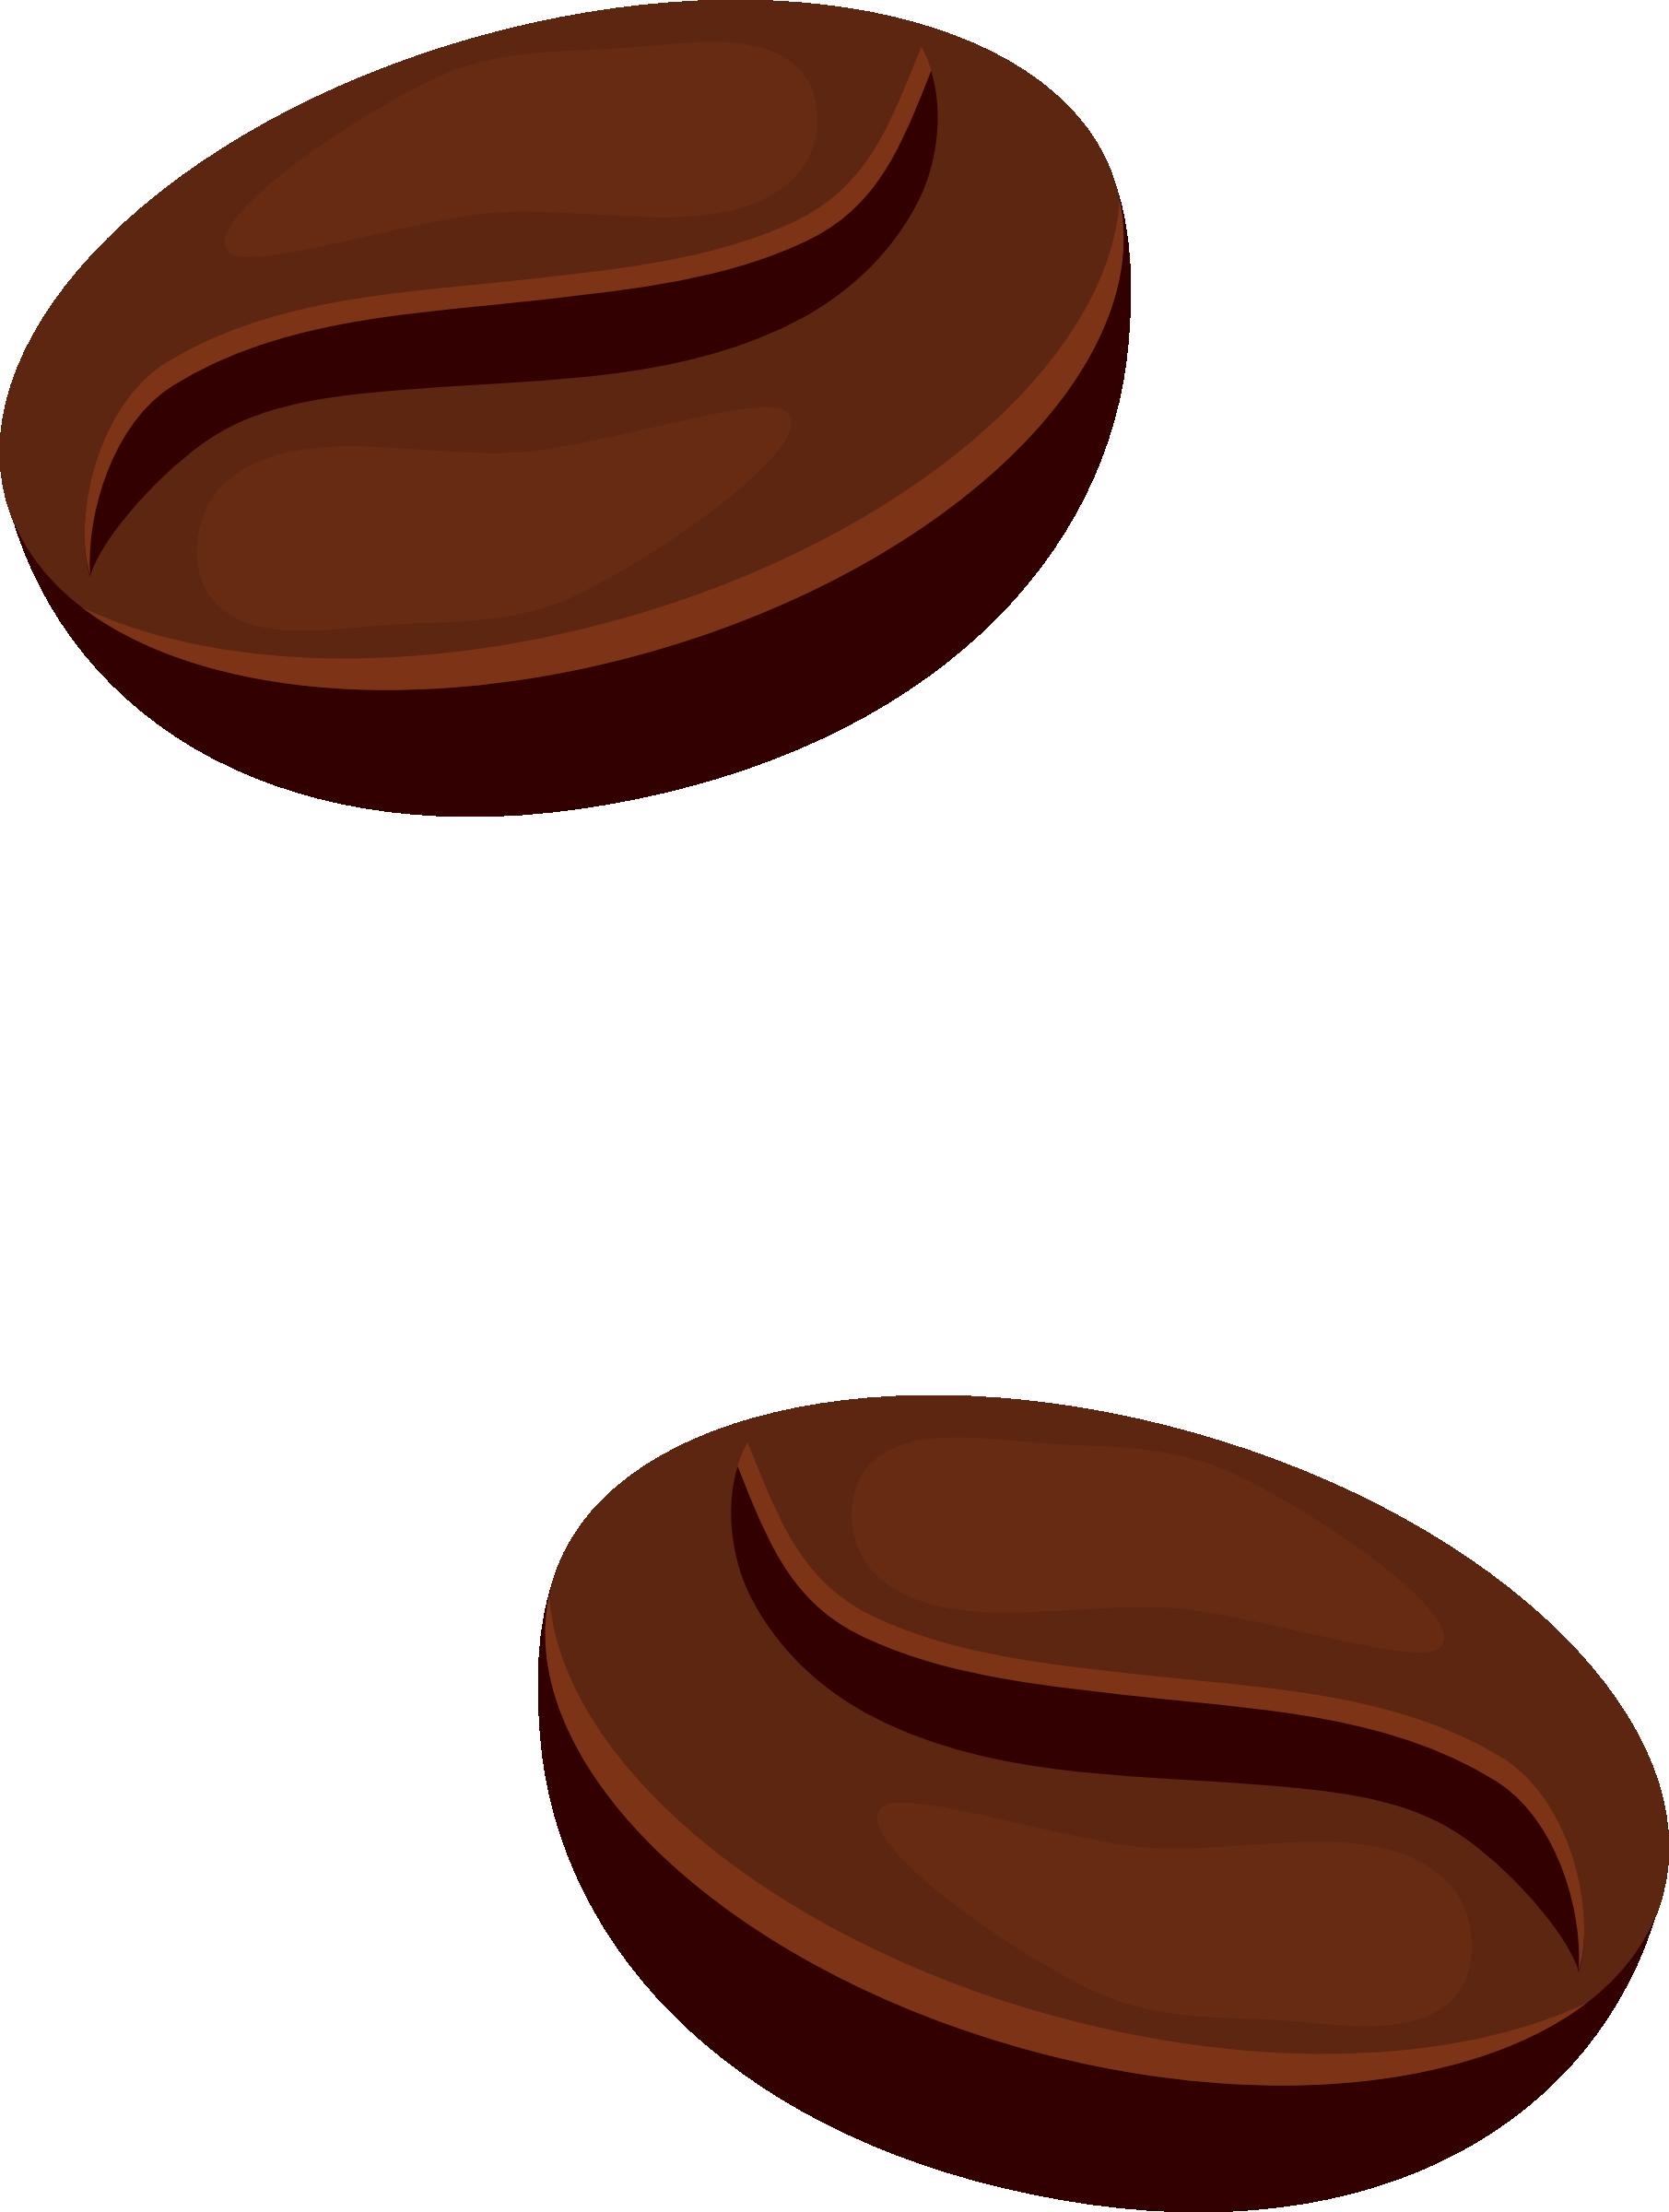 coffee beans clipart clipart panda free clipart images rh clipartpanda com coffee bean border clip-art coffee bean border clip-art free